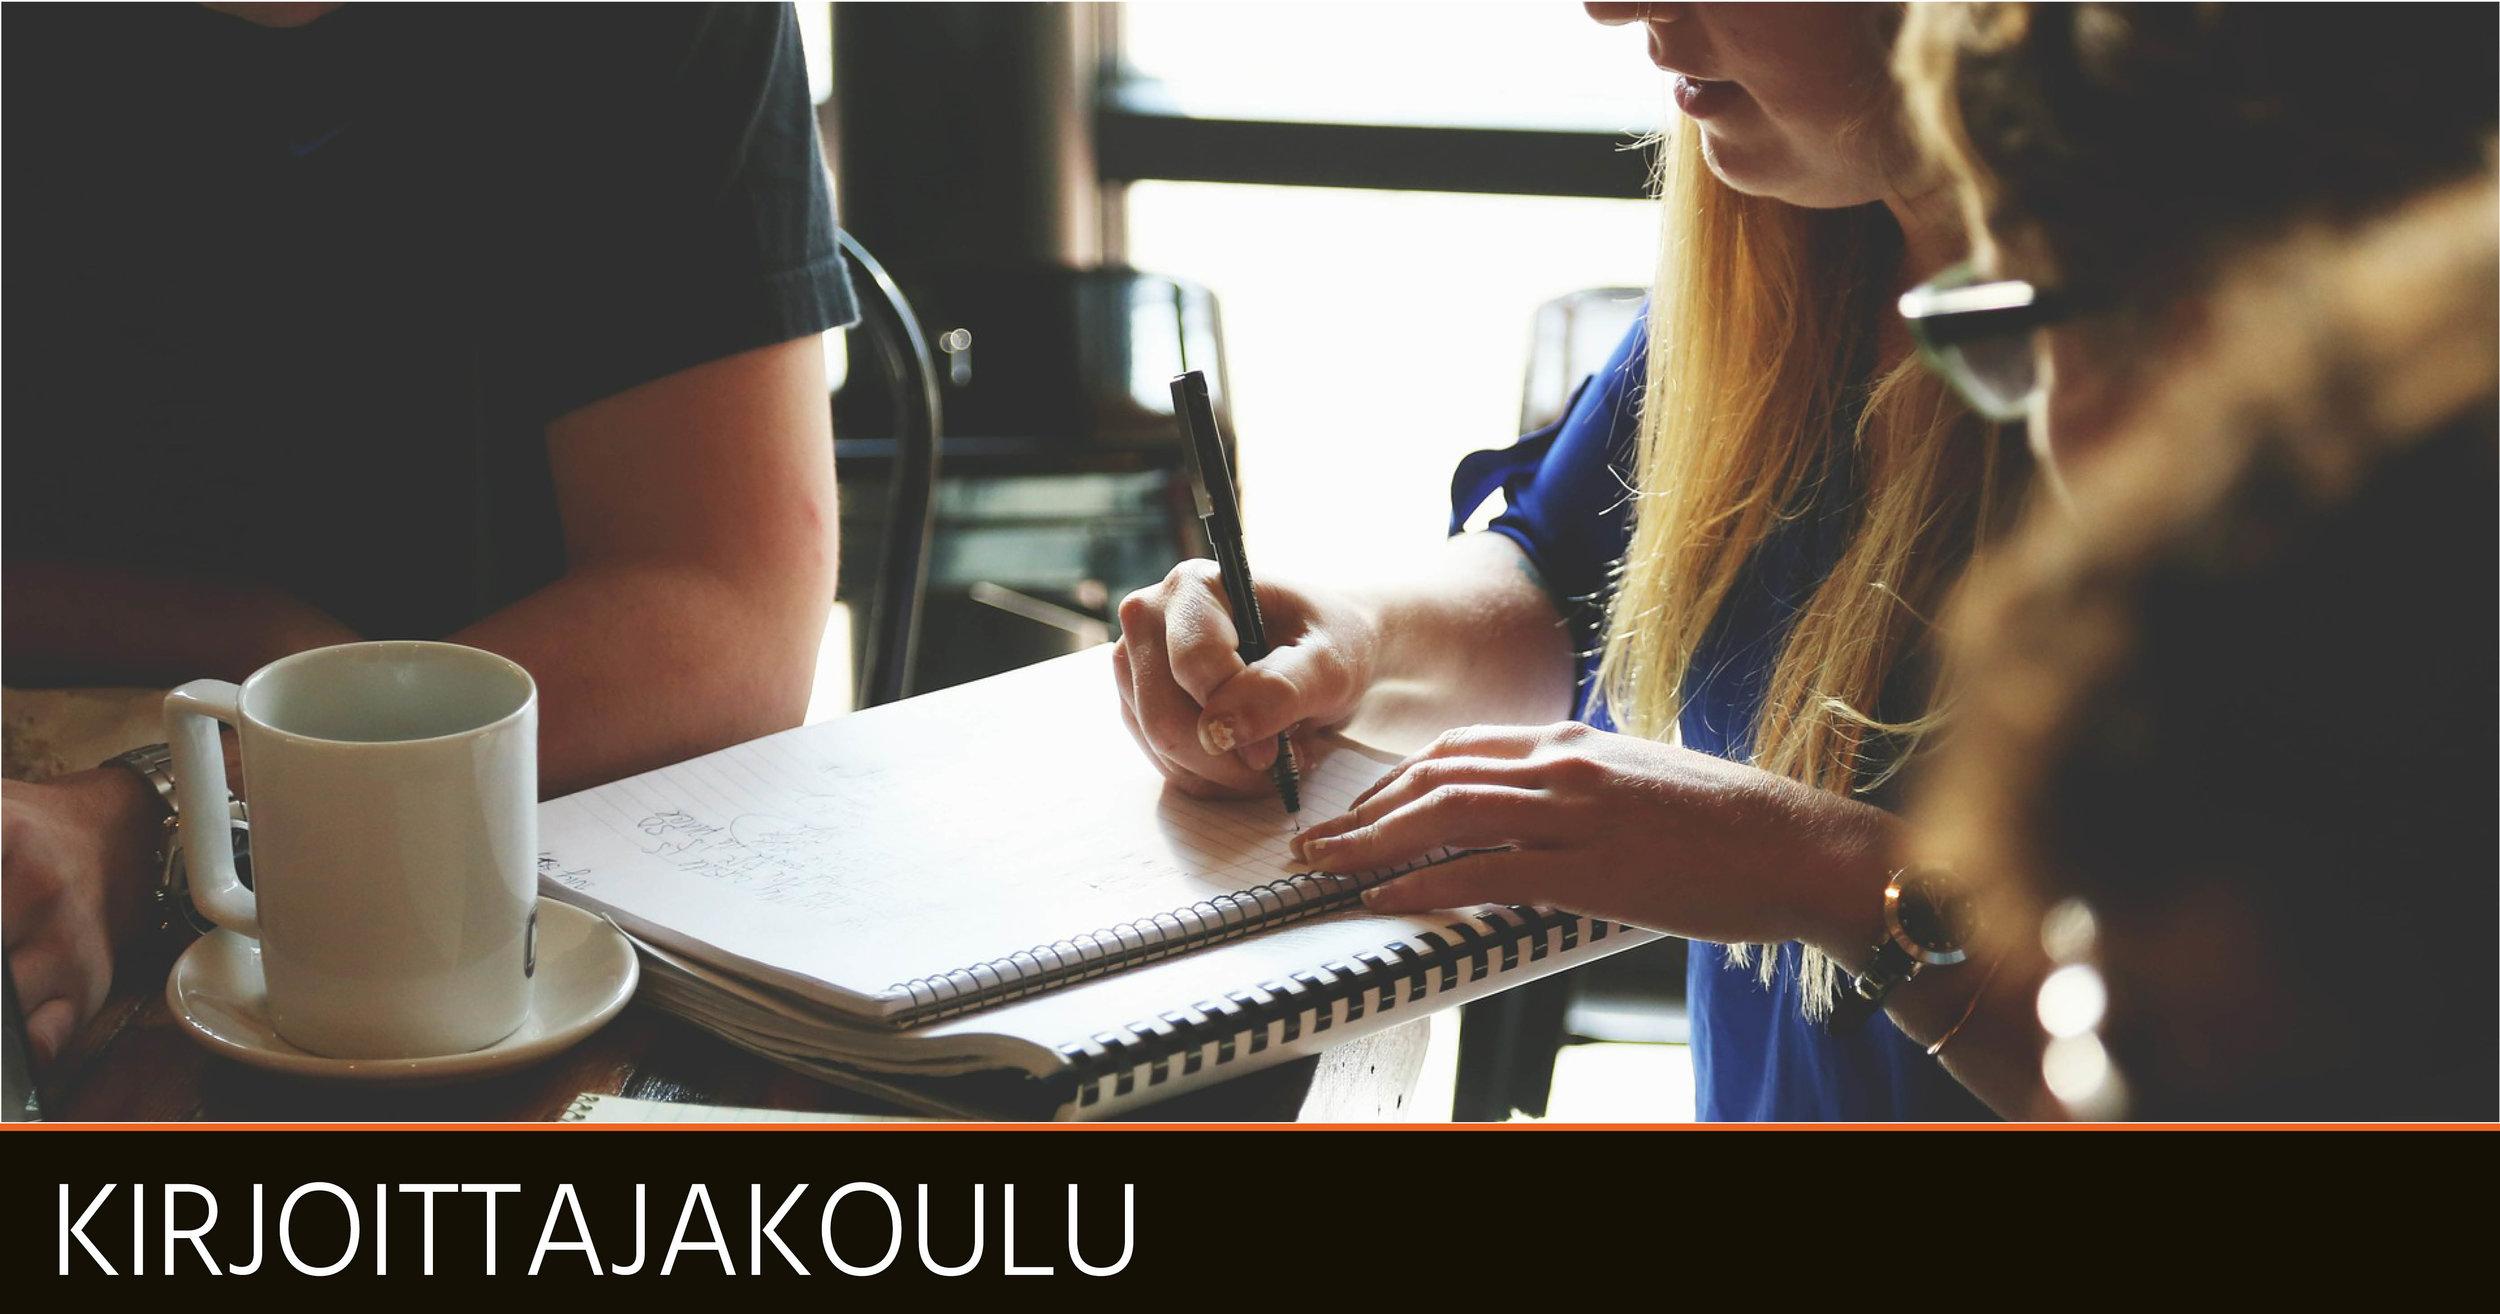 Kirjoittajakouluhelsinki_banneri.jpg